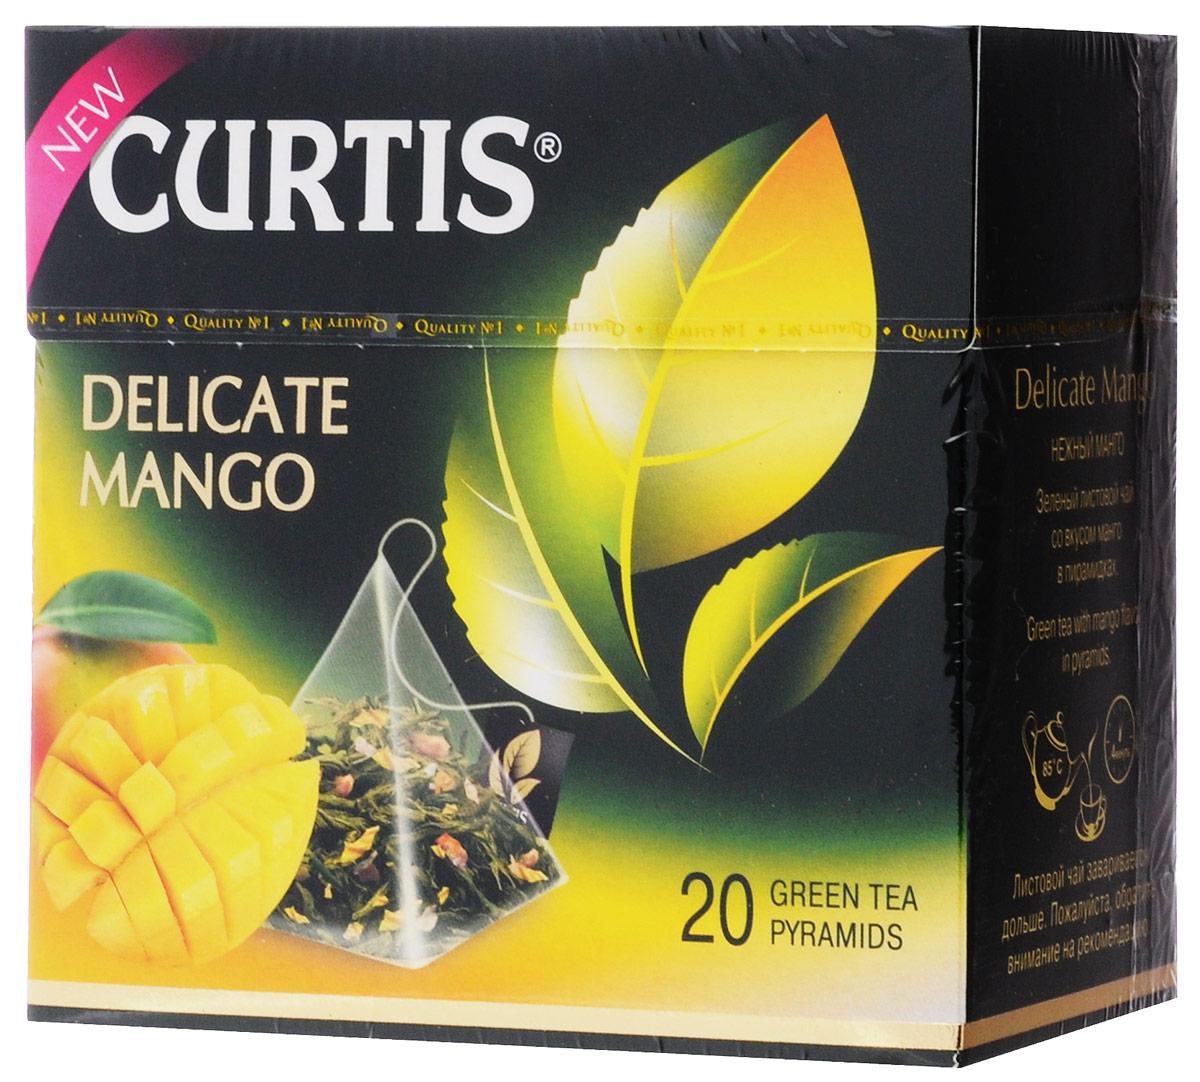 Curtis Delicate Mango зеленый чай в пирамидках, 20 шт4620015851051Тонкий и нежный зеленый чай в сочетании с экзотической сладостью манго - чудесные мгновения отдыха на берегу океана. Насладитесь обновленным купажом зеленого листового чая.